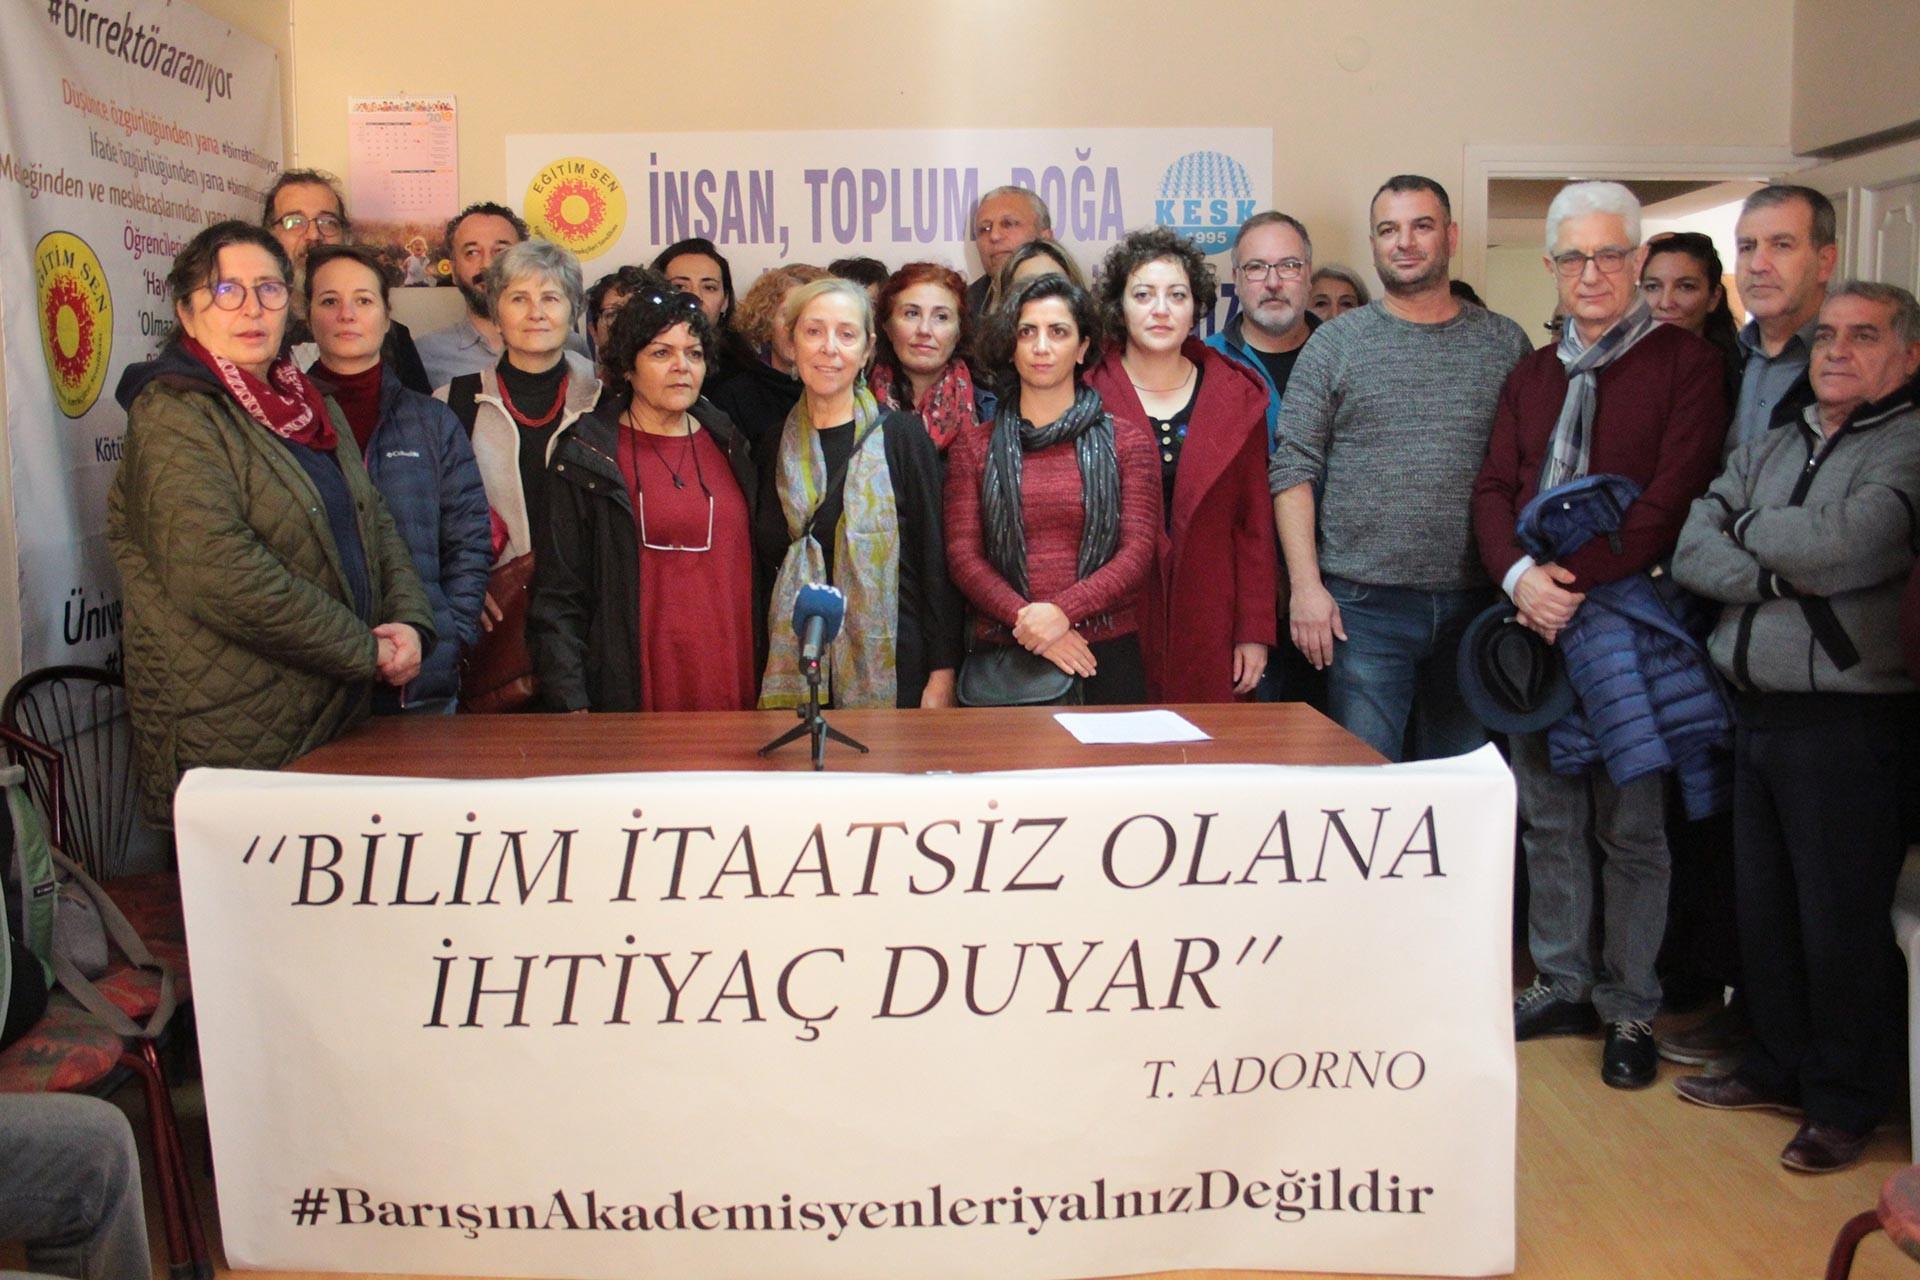 İzmir'de açıklama yapan Barış Akademisyenleri 'Bilim itaatsiz olana ihtiyaç duyar' yazılı pankartın arkasında dururken